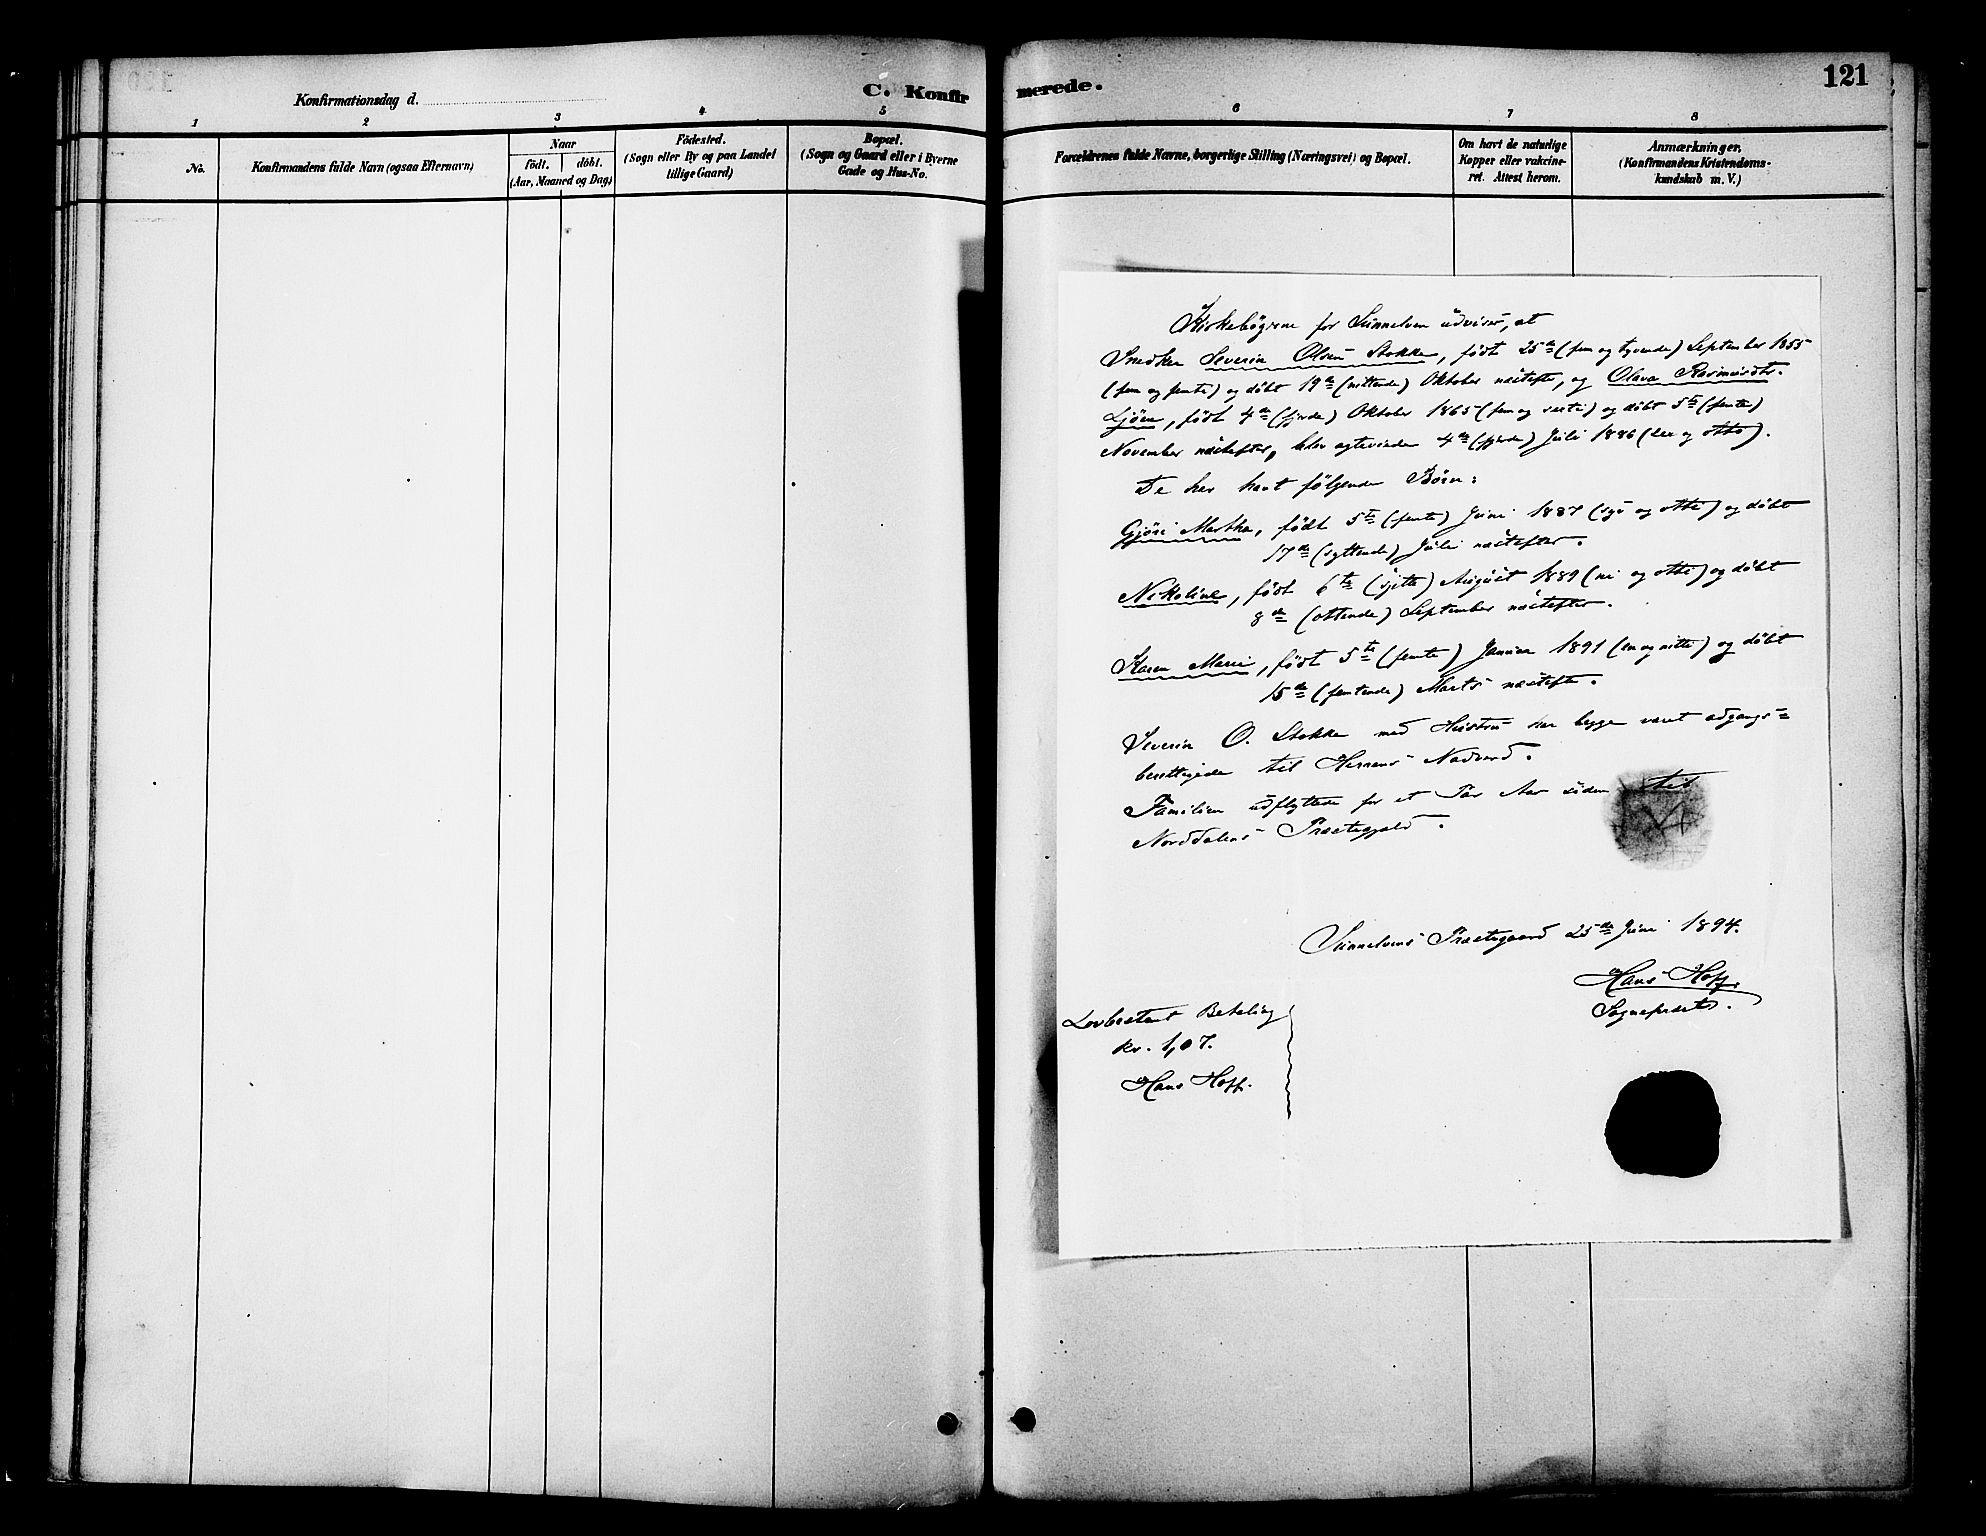 SAT, Ministerialprotokoller, klokkerbøker og fødselsregistre - Møre og Romsdal, 519/L0255: Ministerialbok nr. 519A14, 1884-1908, s. 121